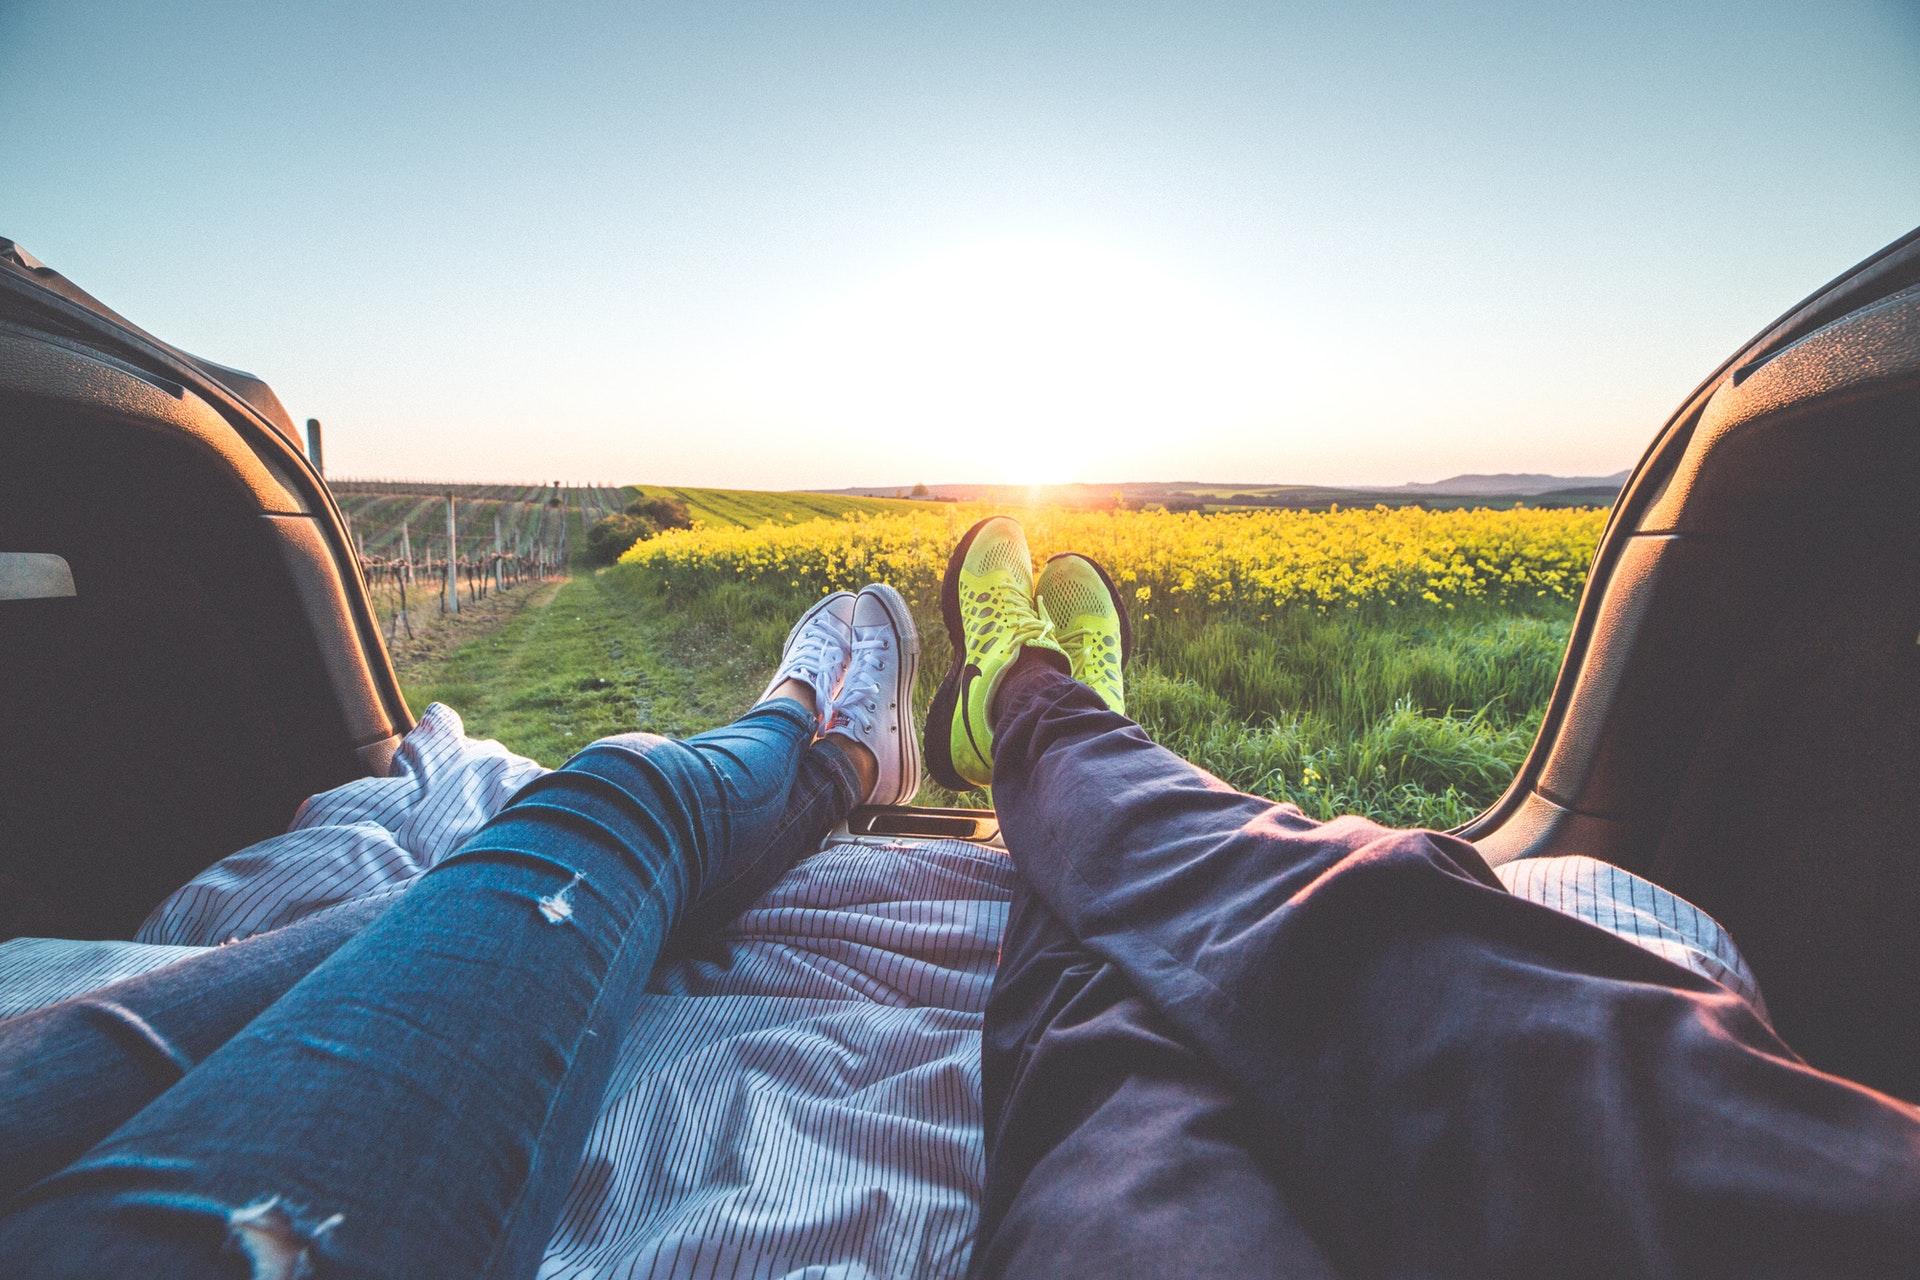 バックシートに横になるカップル